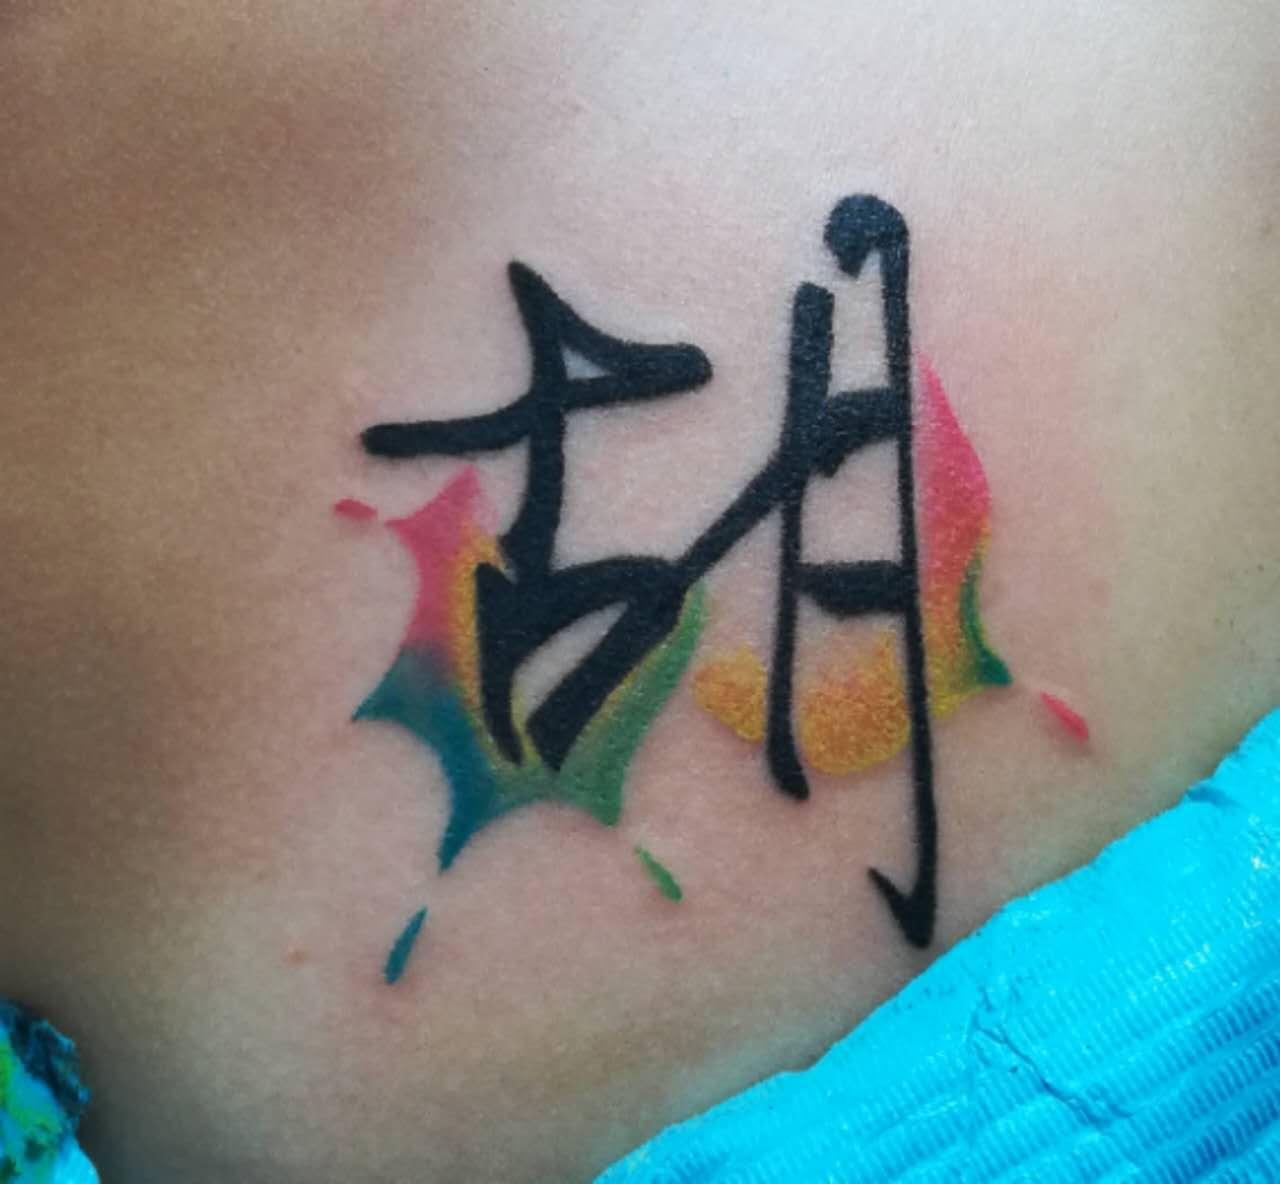 郑州天龙纹身如何与纹身师正确交流|刺青常识-郑州天龙纹身工作室